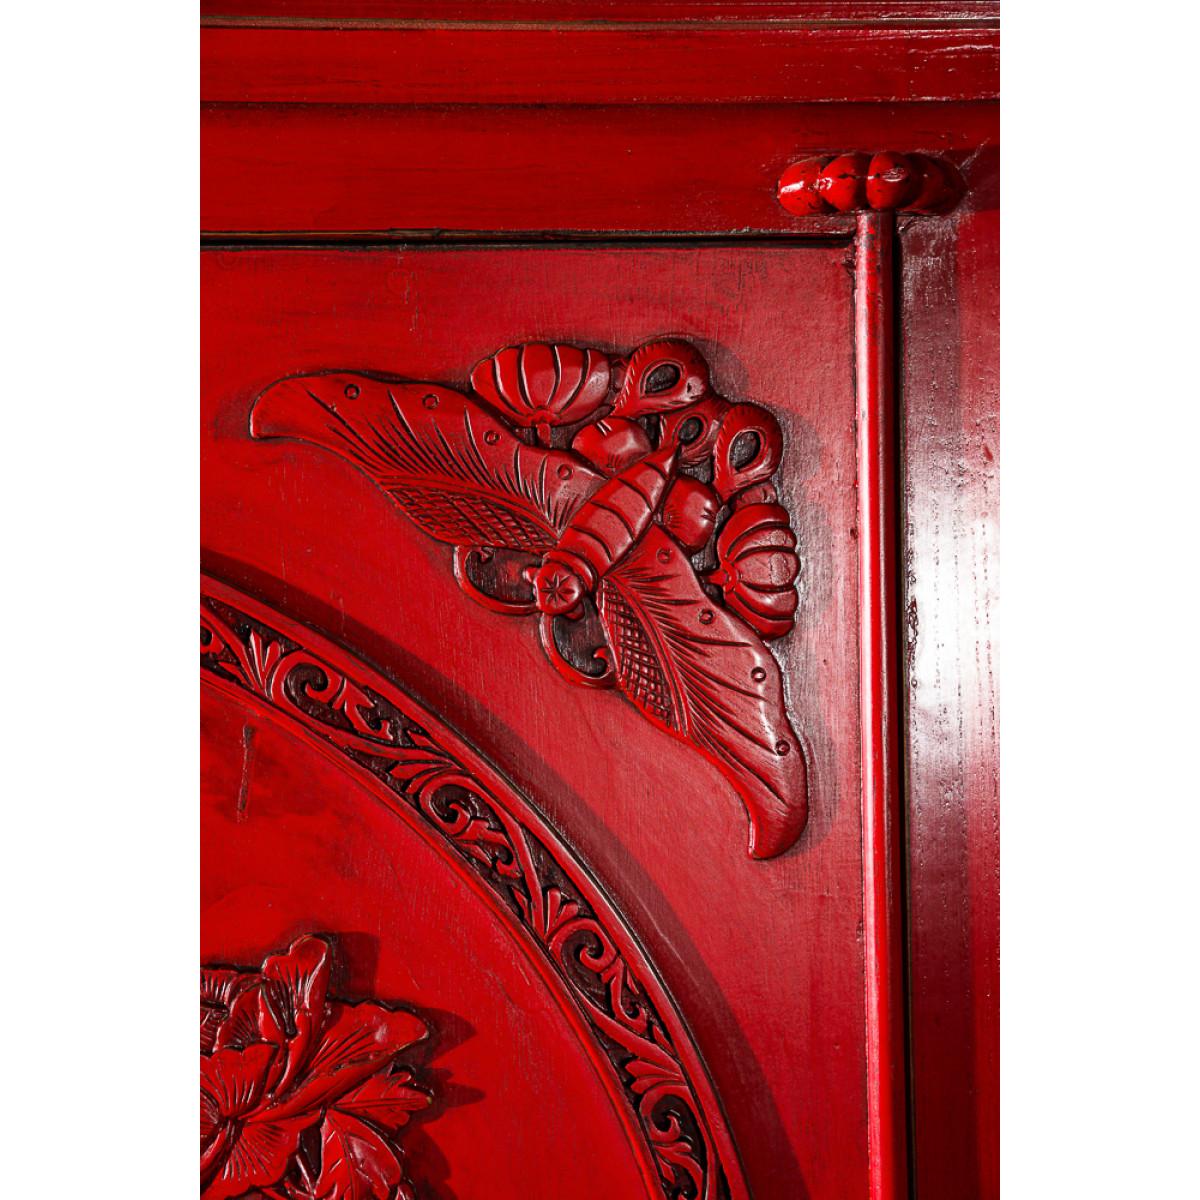 BF-20424 Гуй- традиционный шкаф, С рельефными вставками на красном фоне. Династия Мин